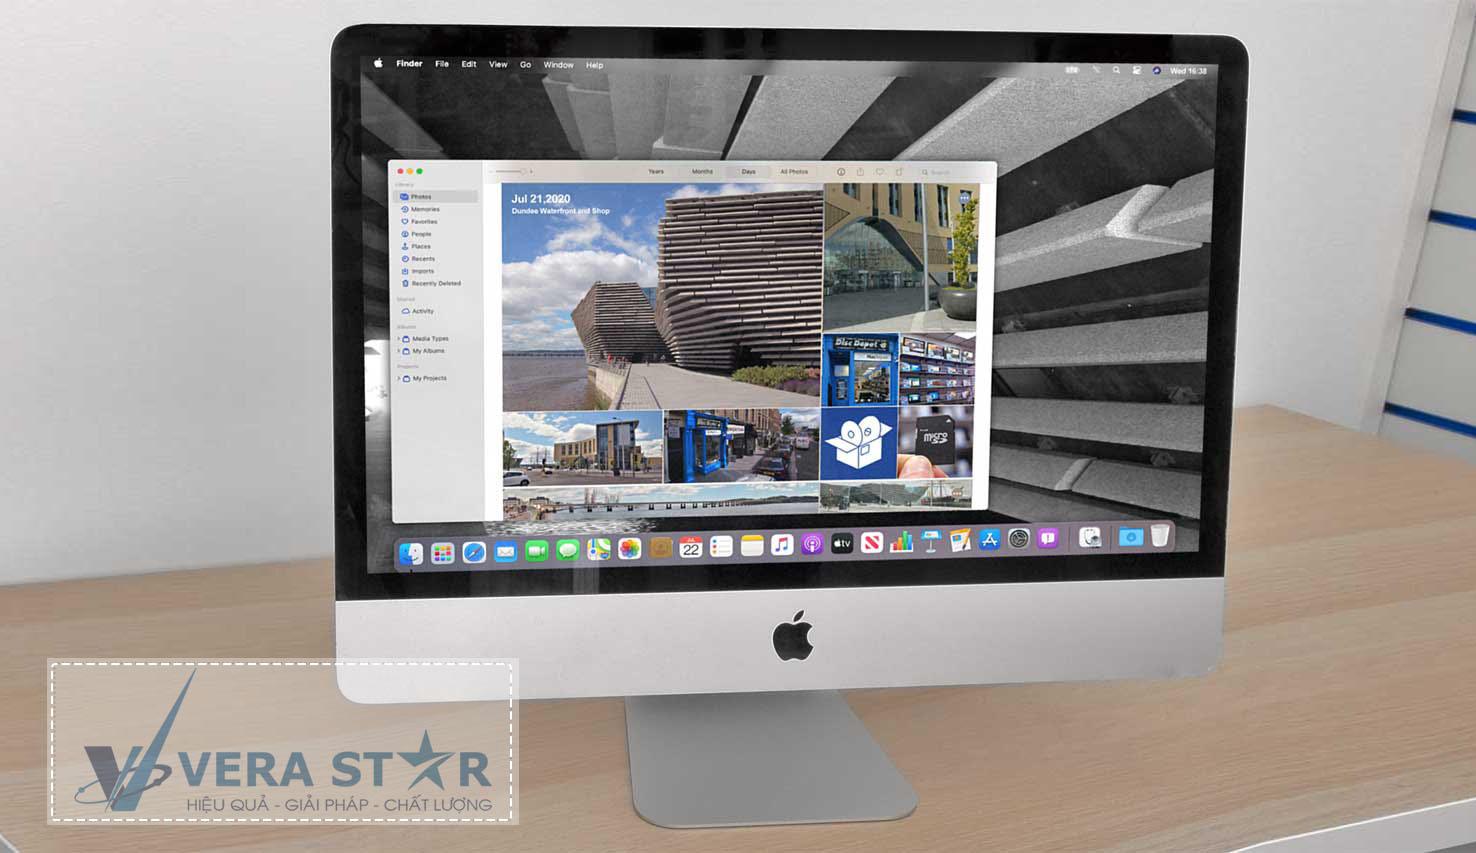 Dịch vụ sửa chữa Macbook Uy tín TpHCM - VERA STAR